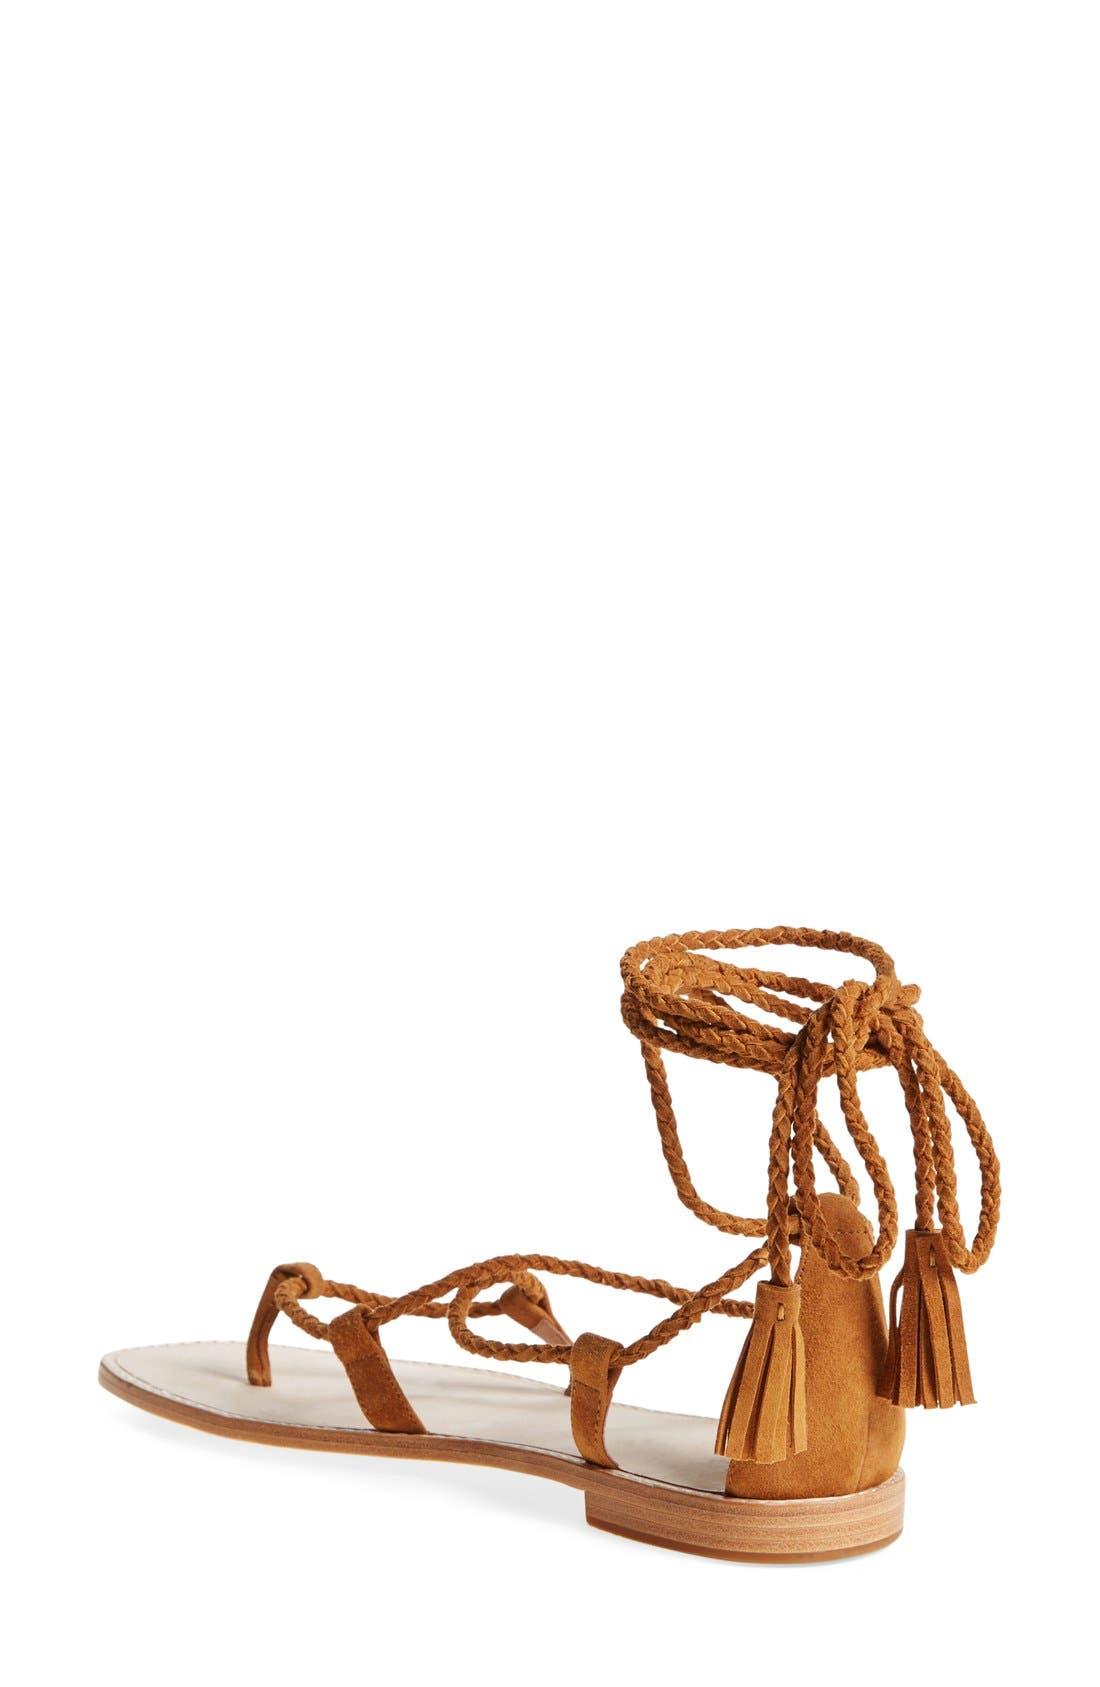 Alternate Image 2  - Joie 'Bailee' Lace-Up Sandal (Women)